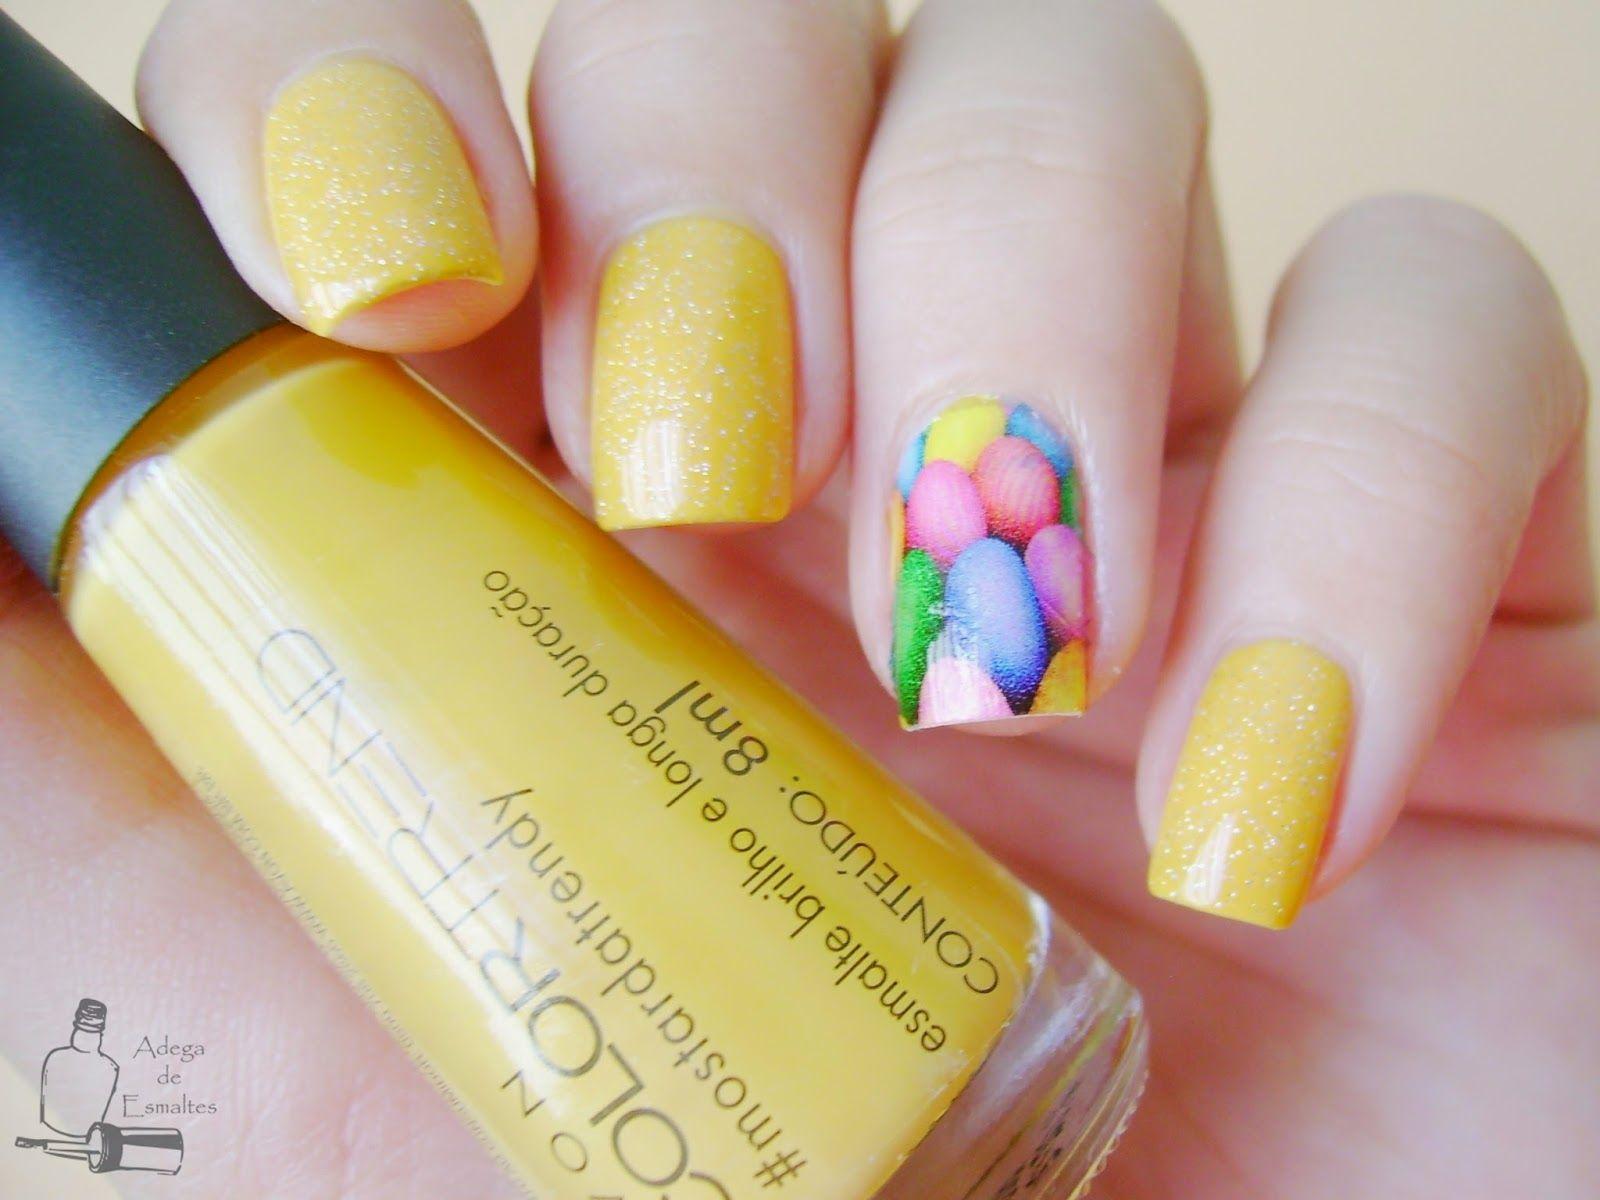 adega de esmaltes unha de páscoa com mostardatrendy nail art